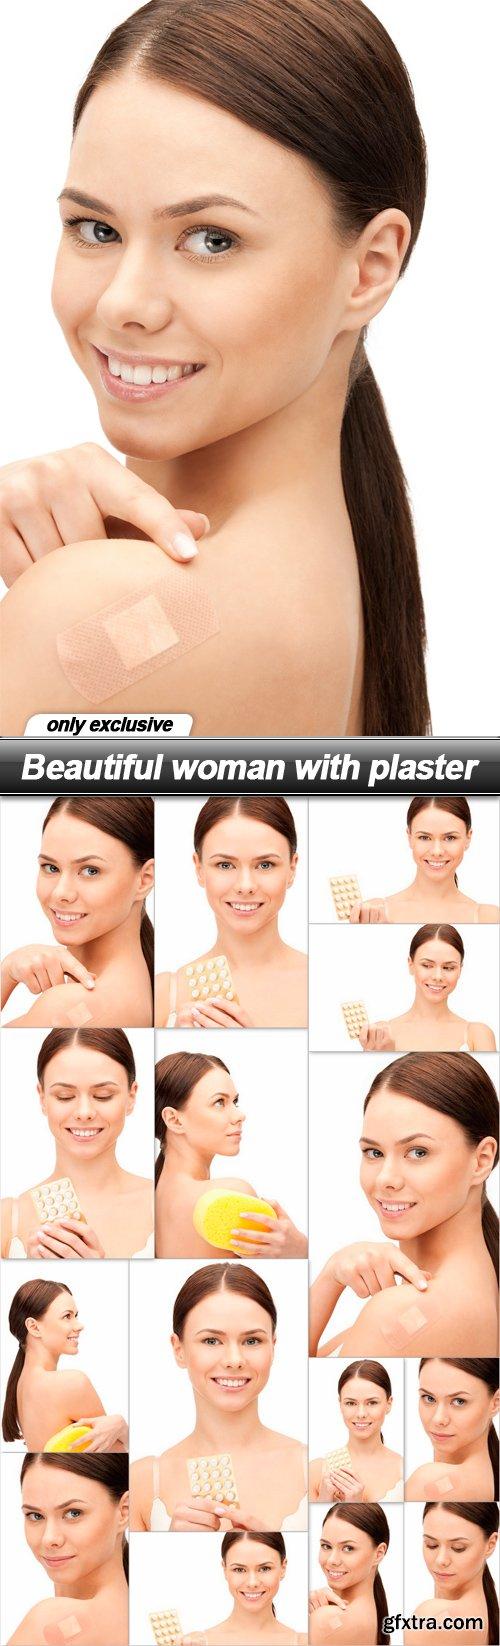 Beautiful woman with plaster - 15 UHQ JPEG